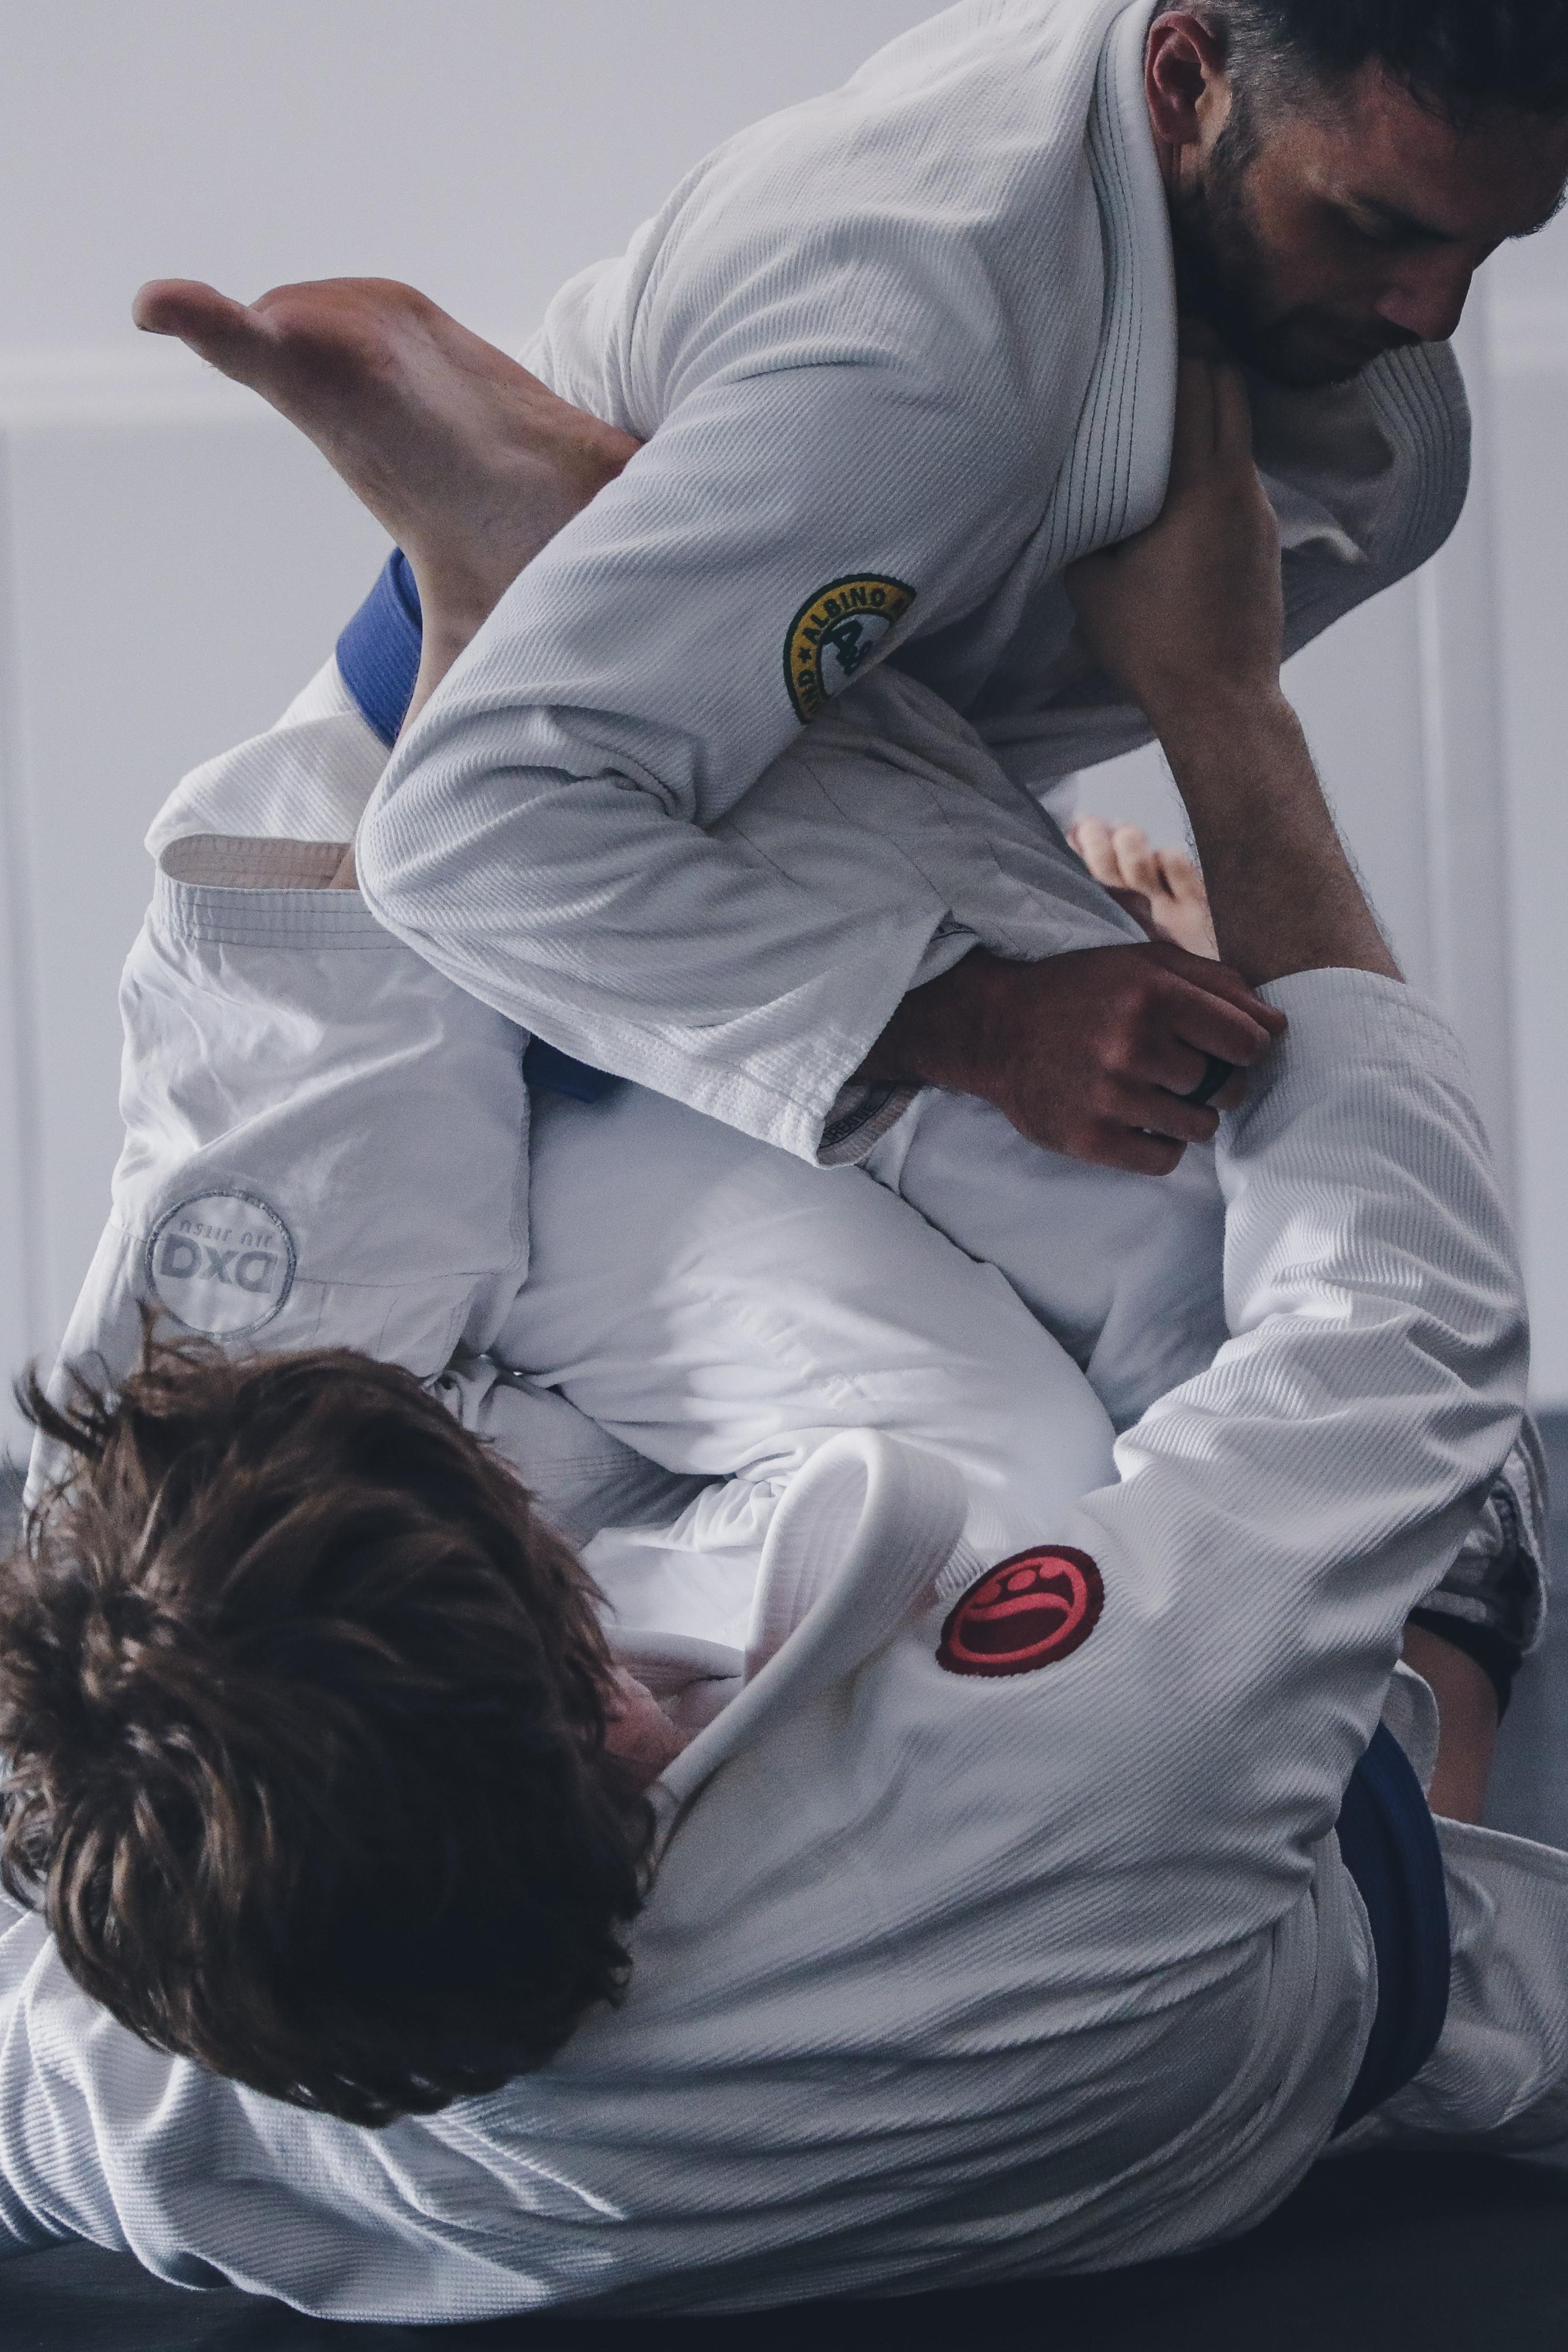 Corey Rothwell Jiu Jitsu